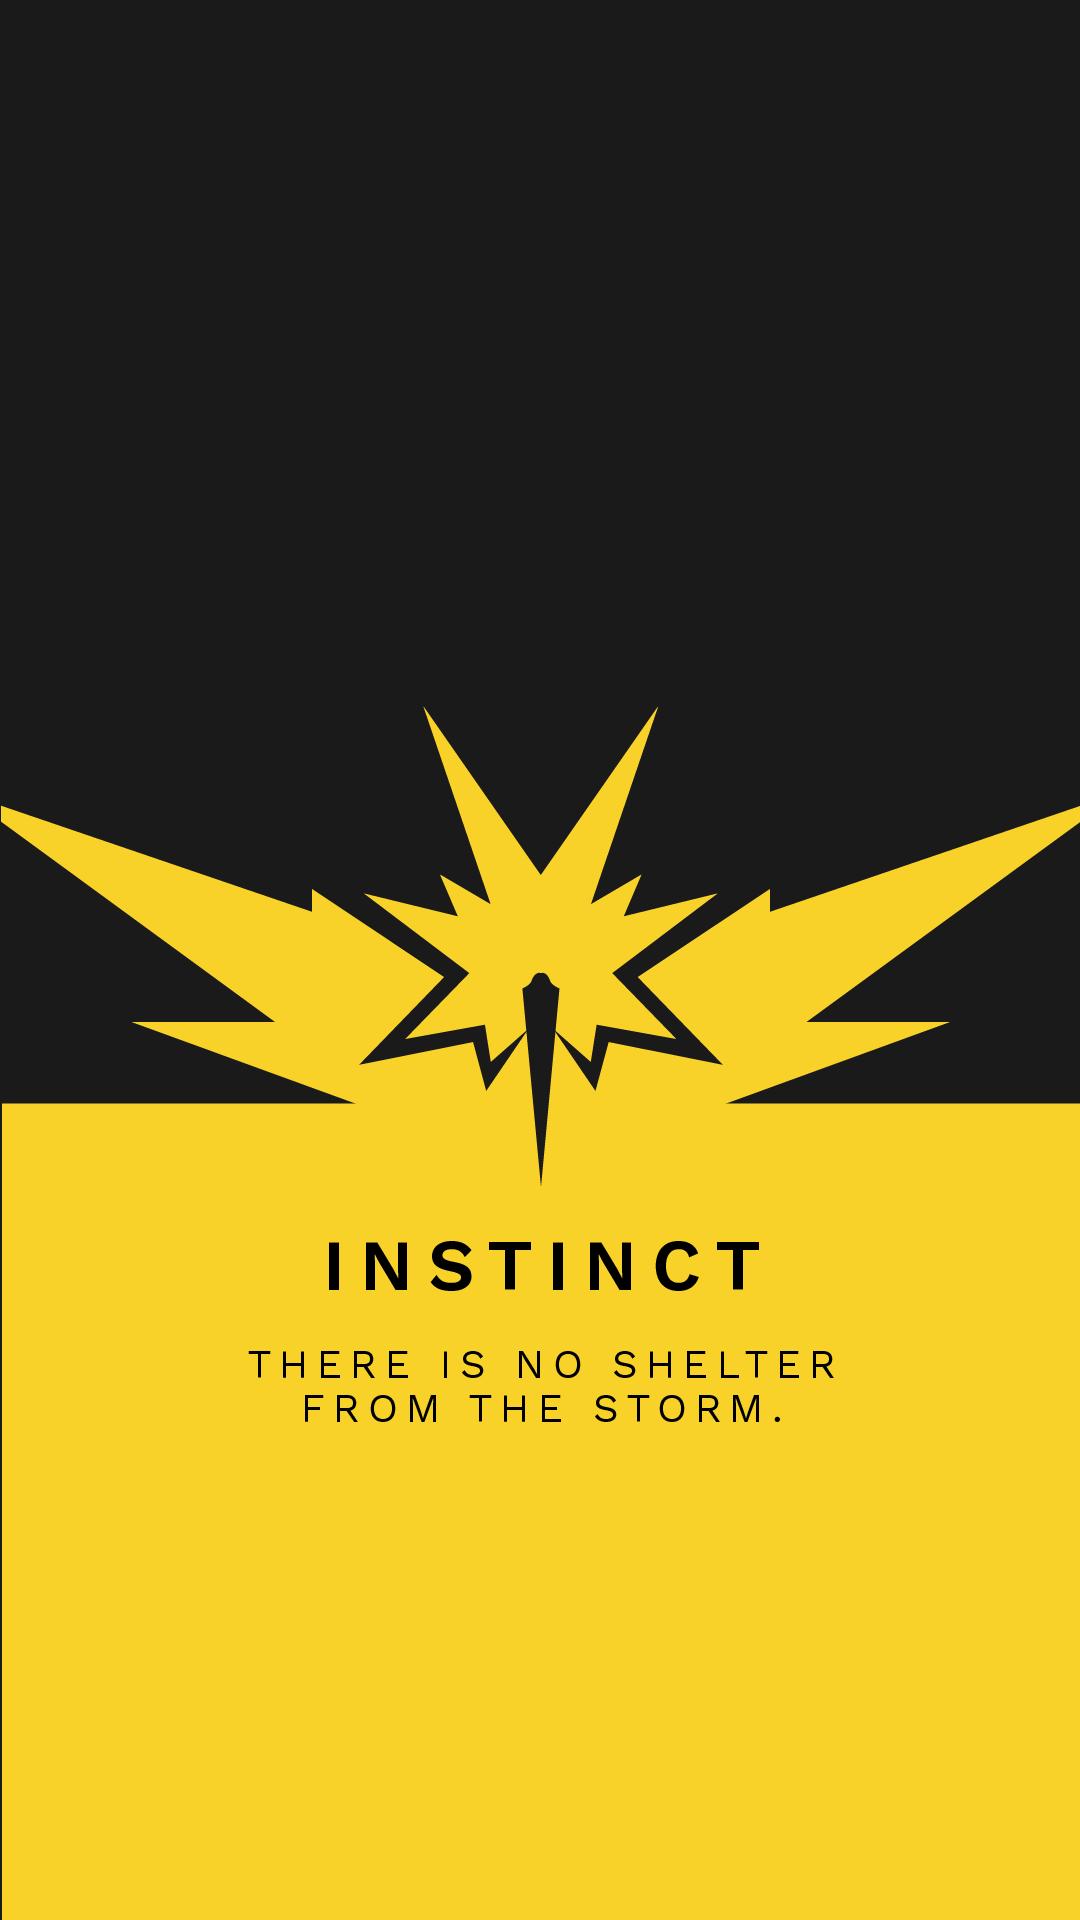 Team Instinct Pin Up iphone case